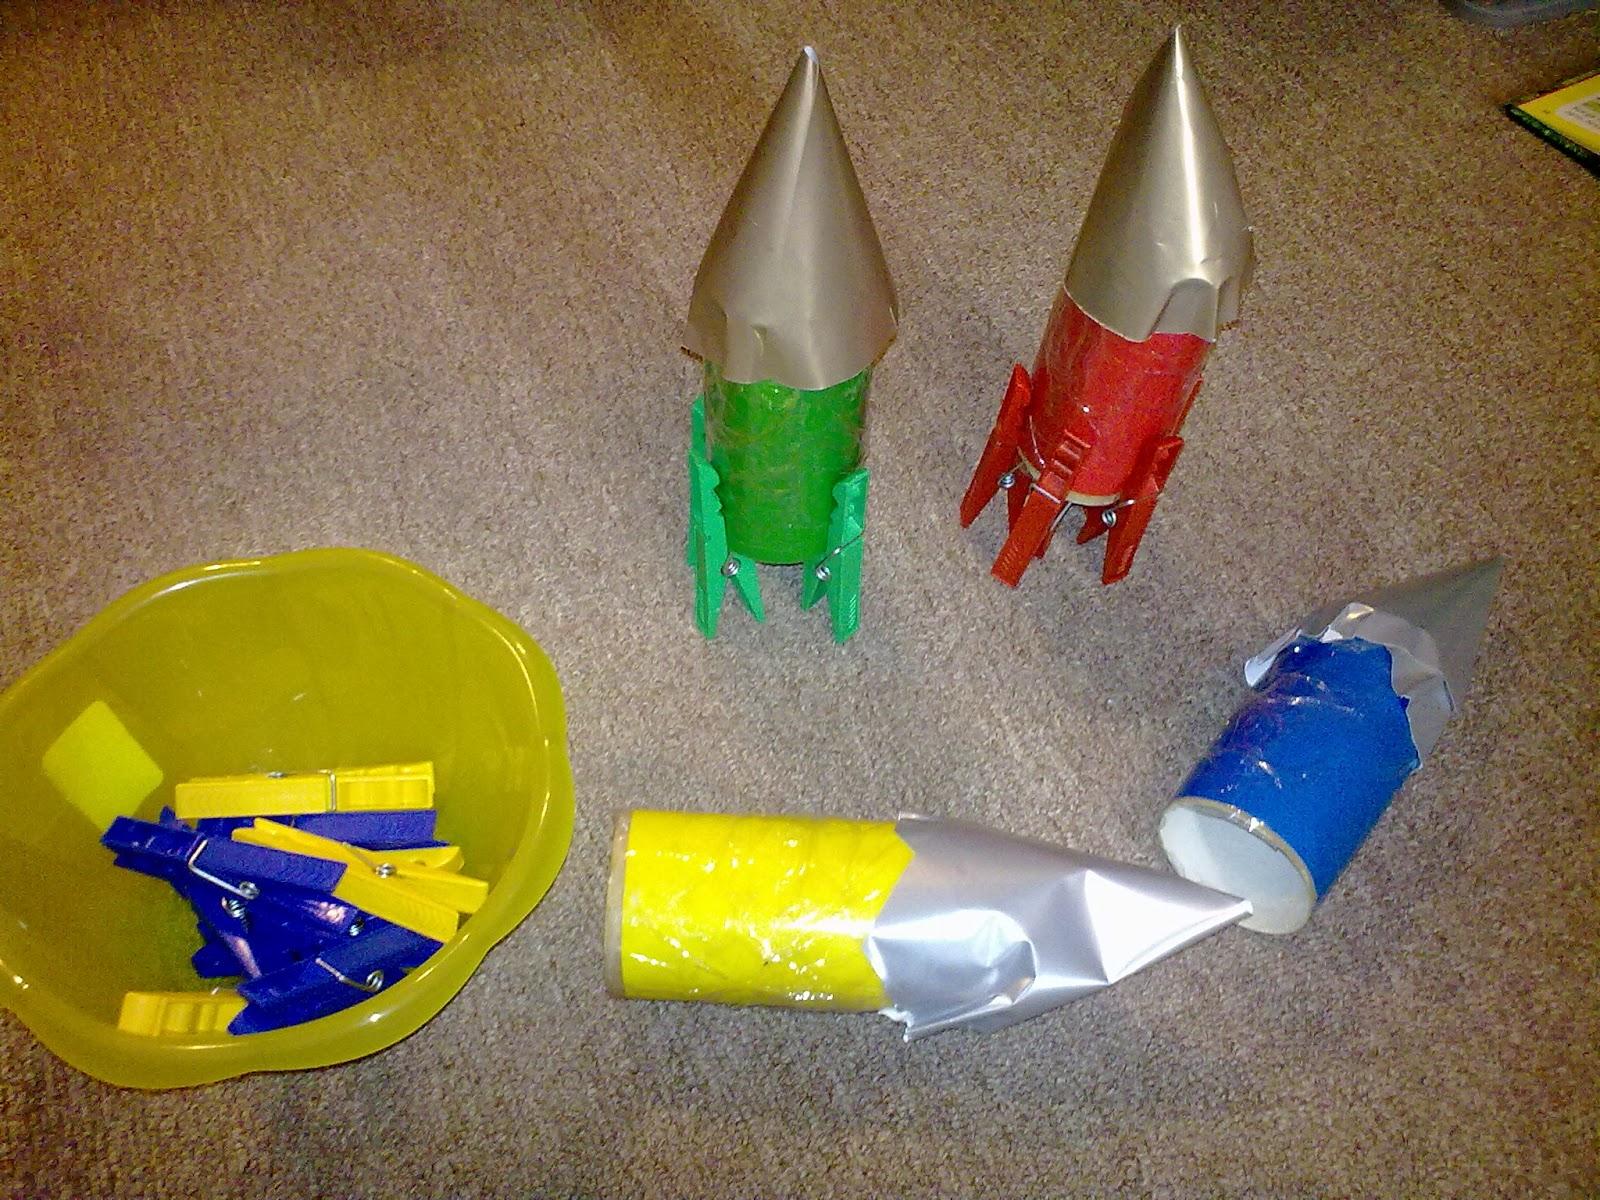 Обои фломастеры, рисунок, Ракета. Минимализм foto 15